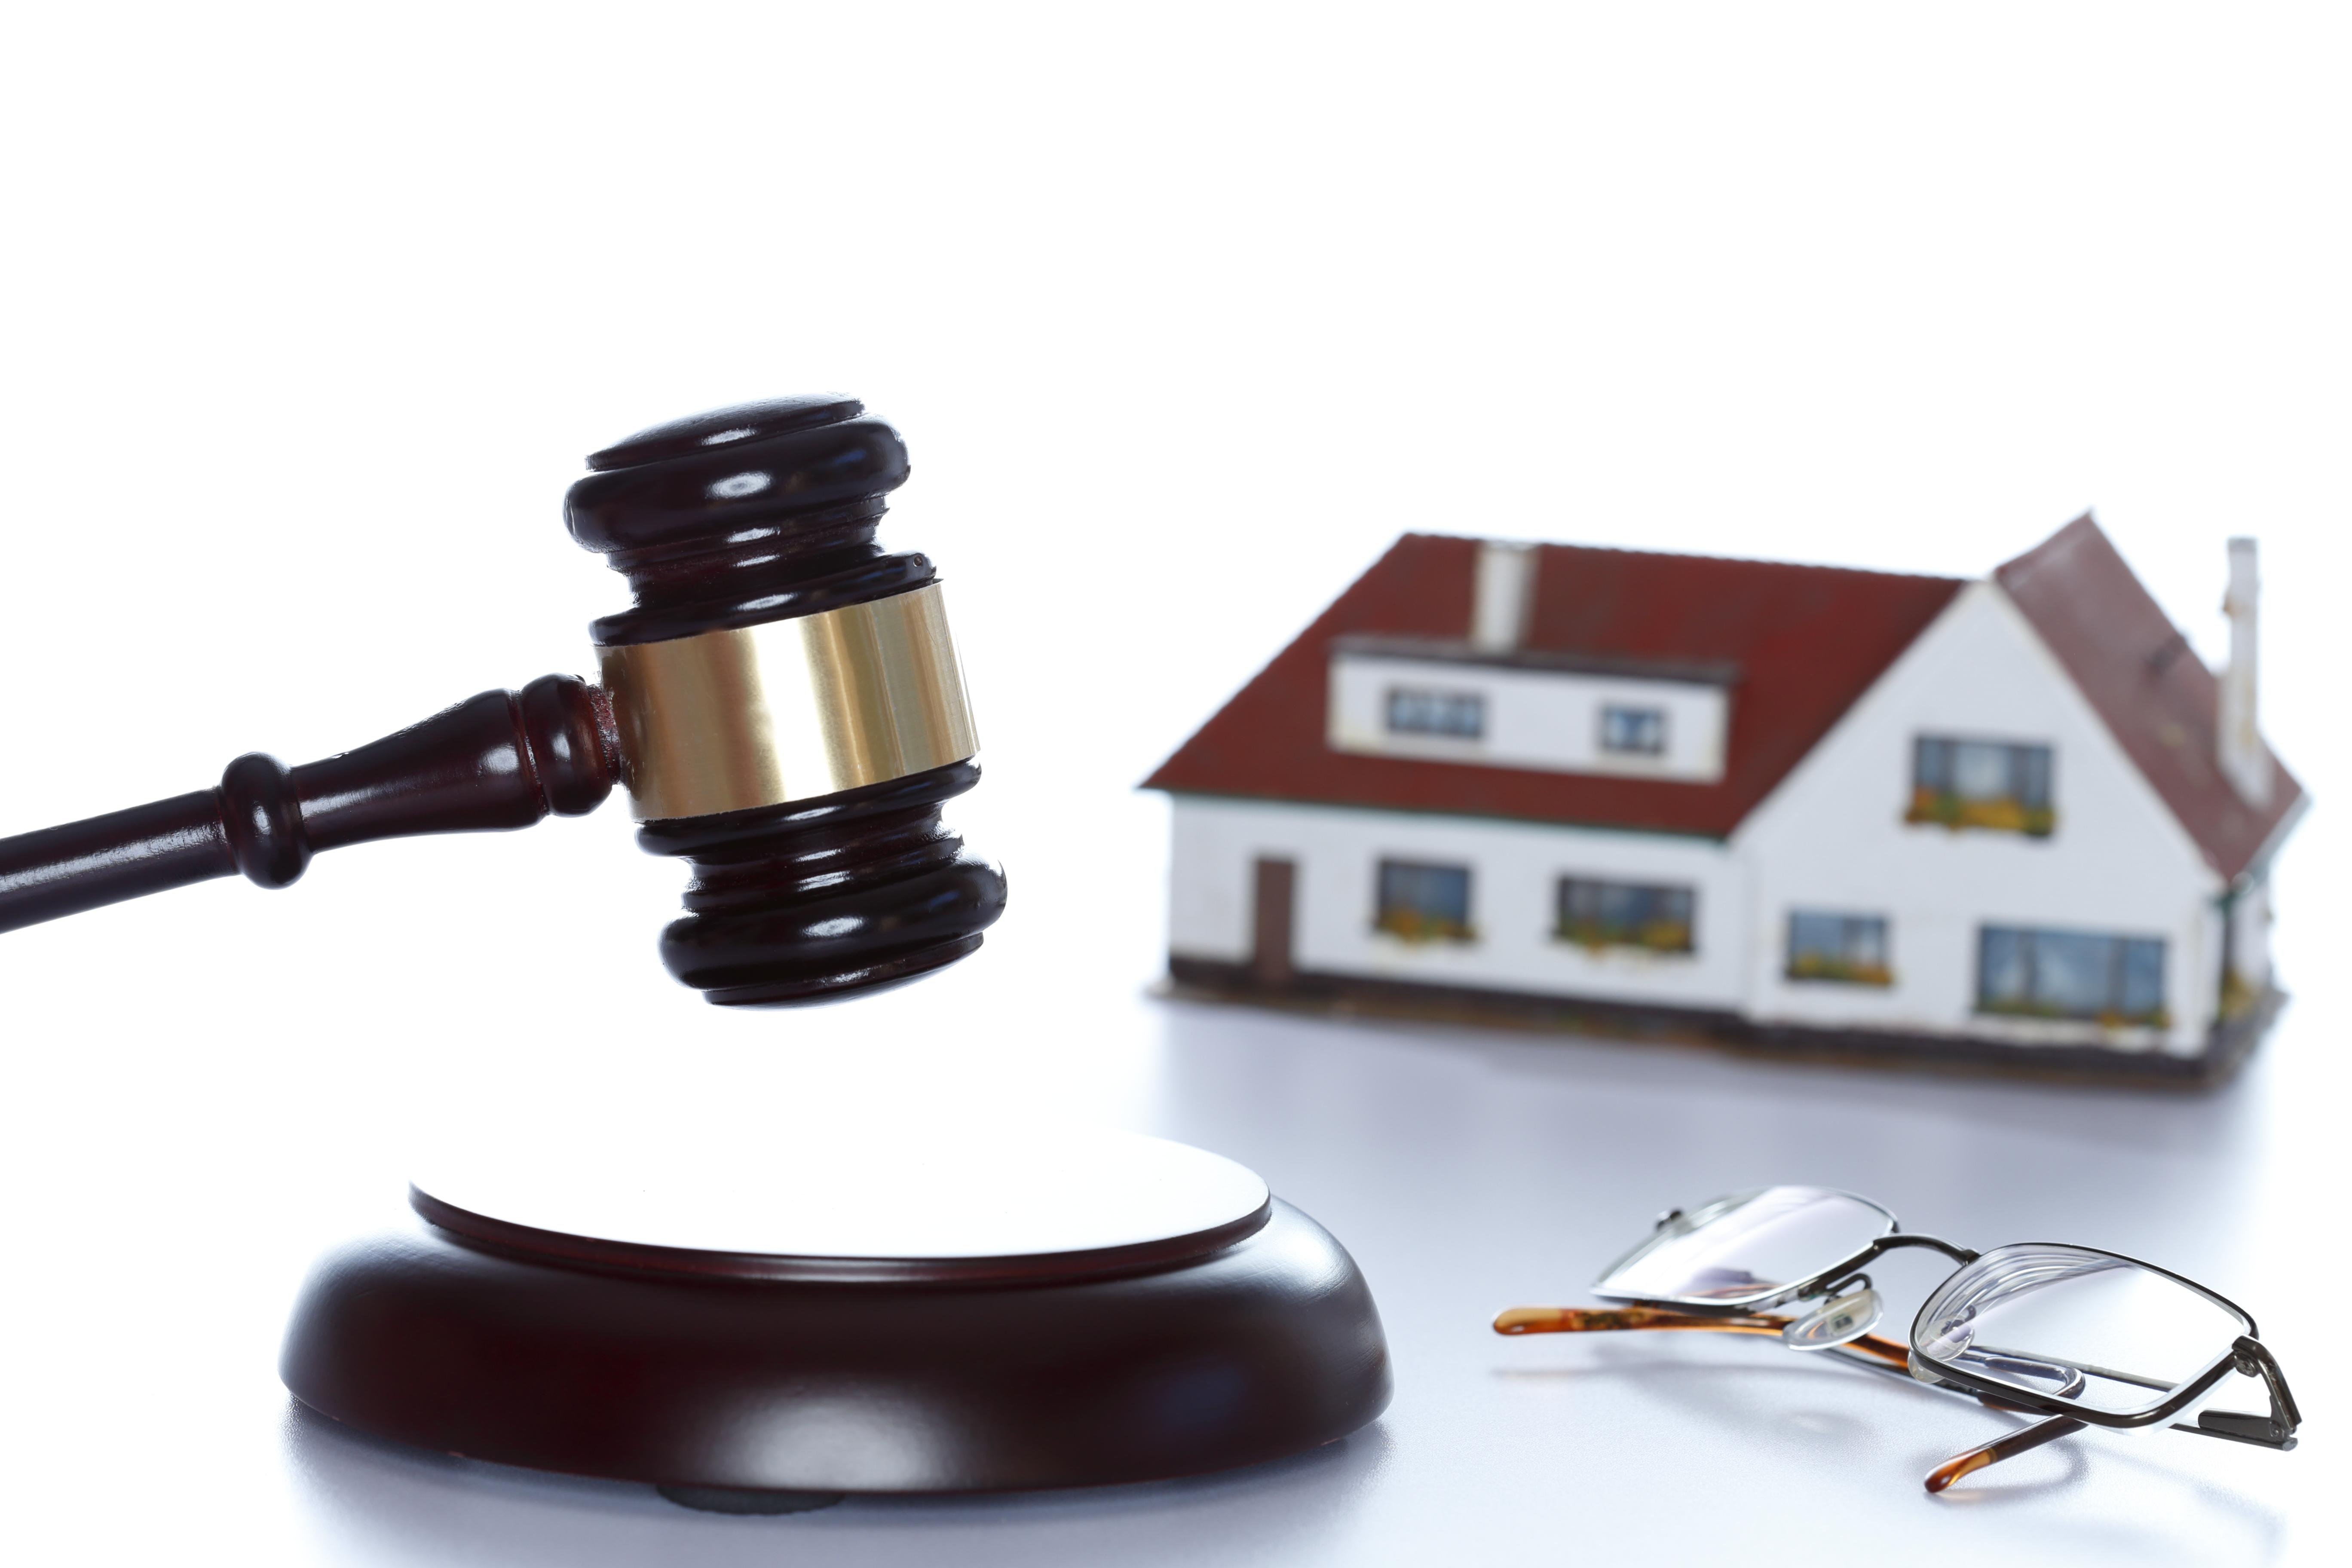 L'ordinanza n. 4445 della Corte di cassazione